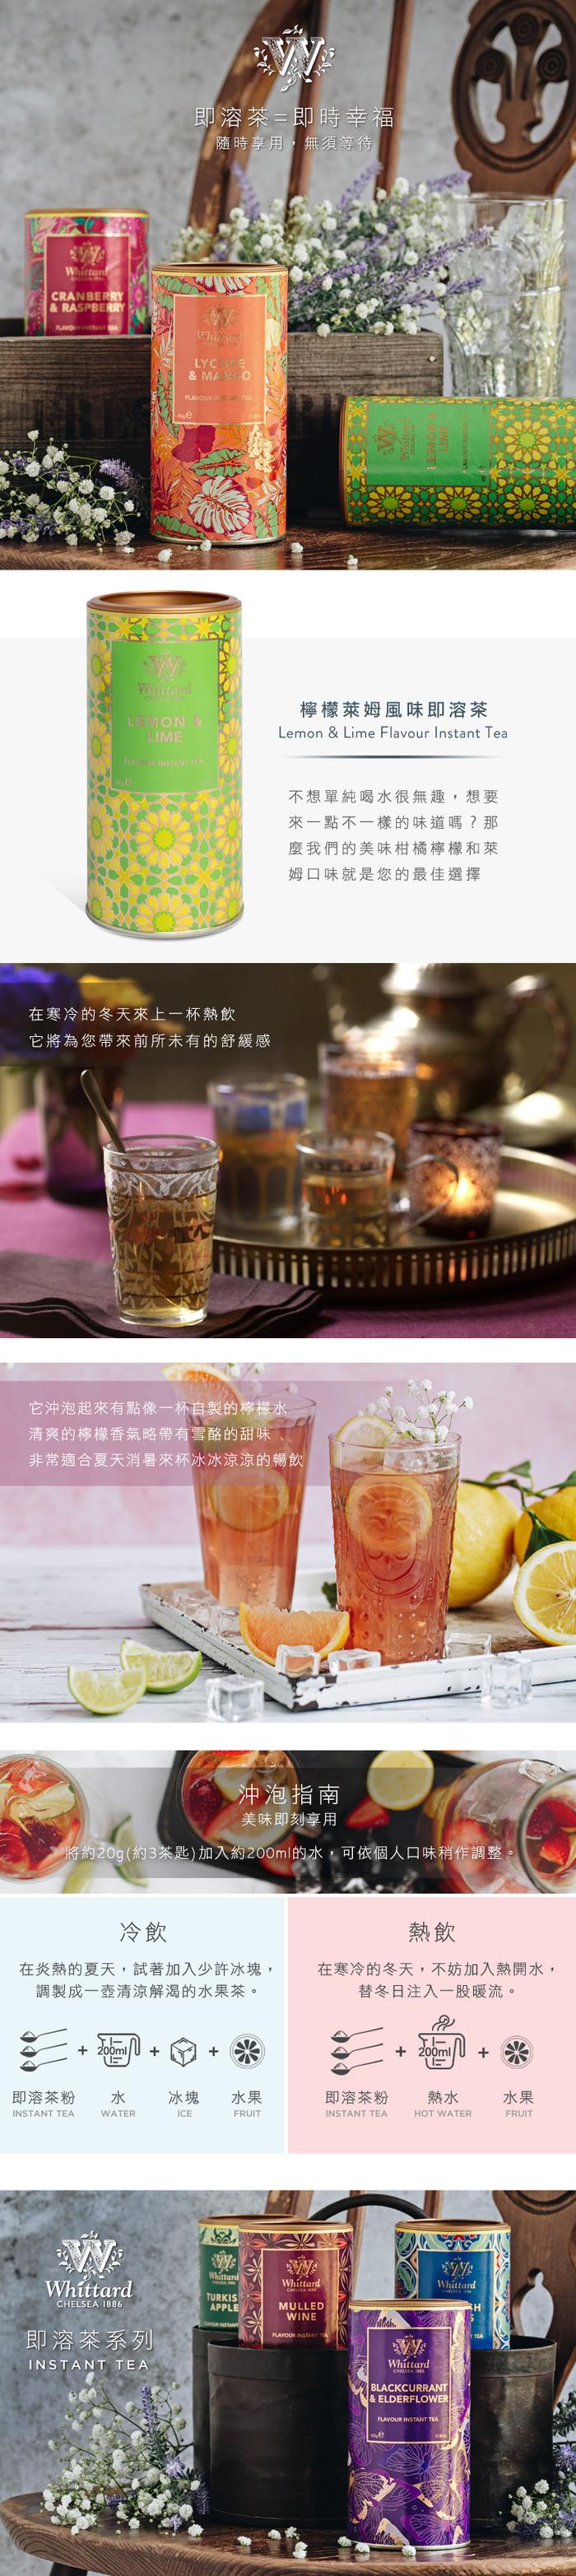 (複製)Whittard | 檸檬萊姆風味即溶茶